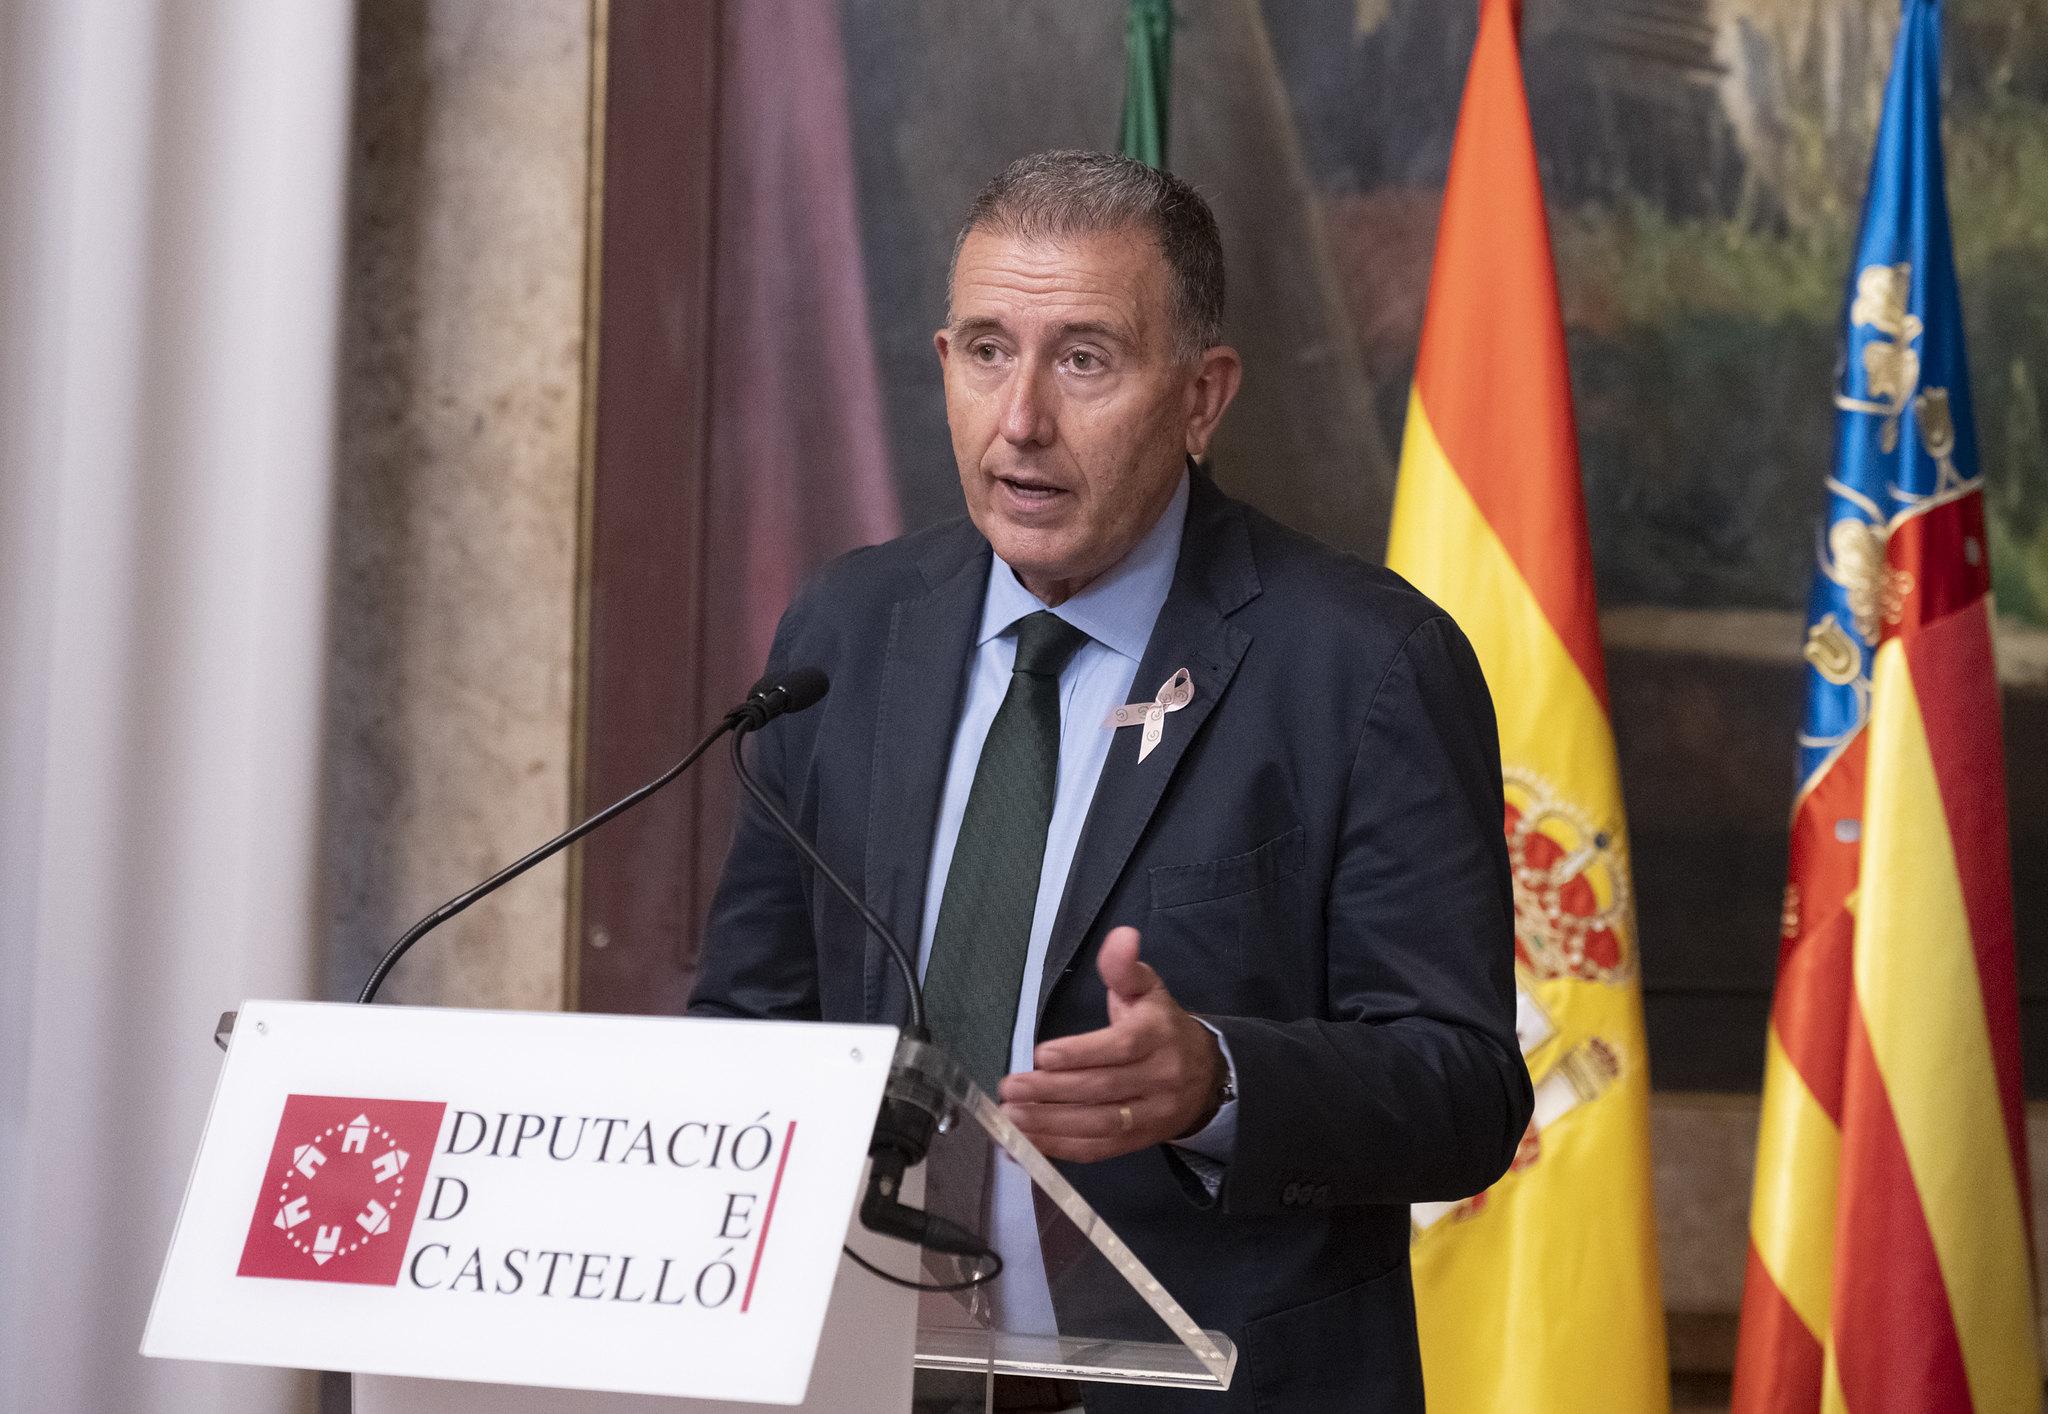 Sales (PP): «El PSOE da la espalda al interior y reparte entre 8 municipios de la provincia el 45% de las ayudas del Fondo de Cooperación»